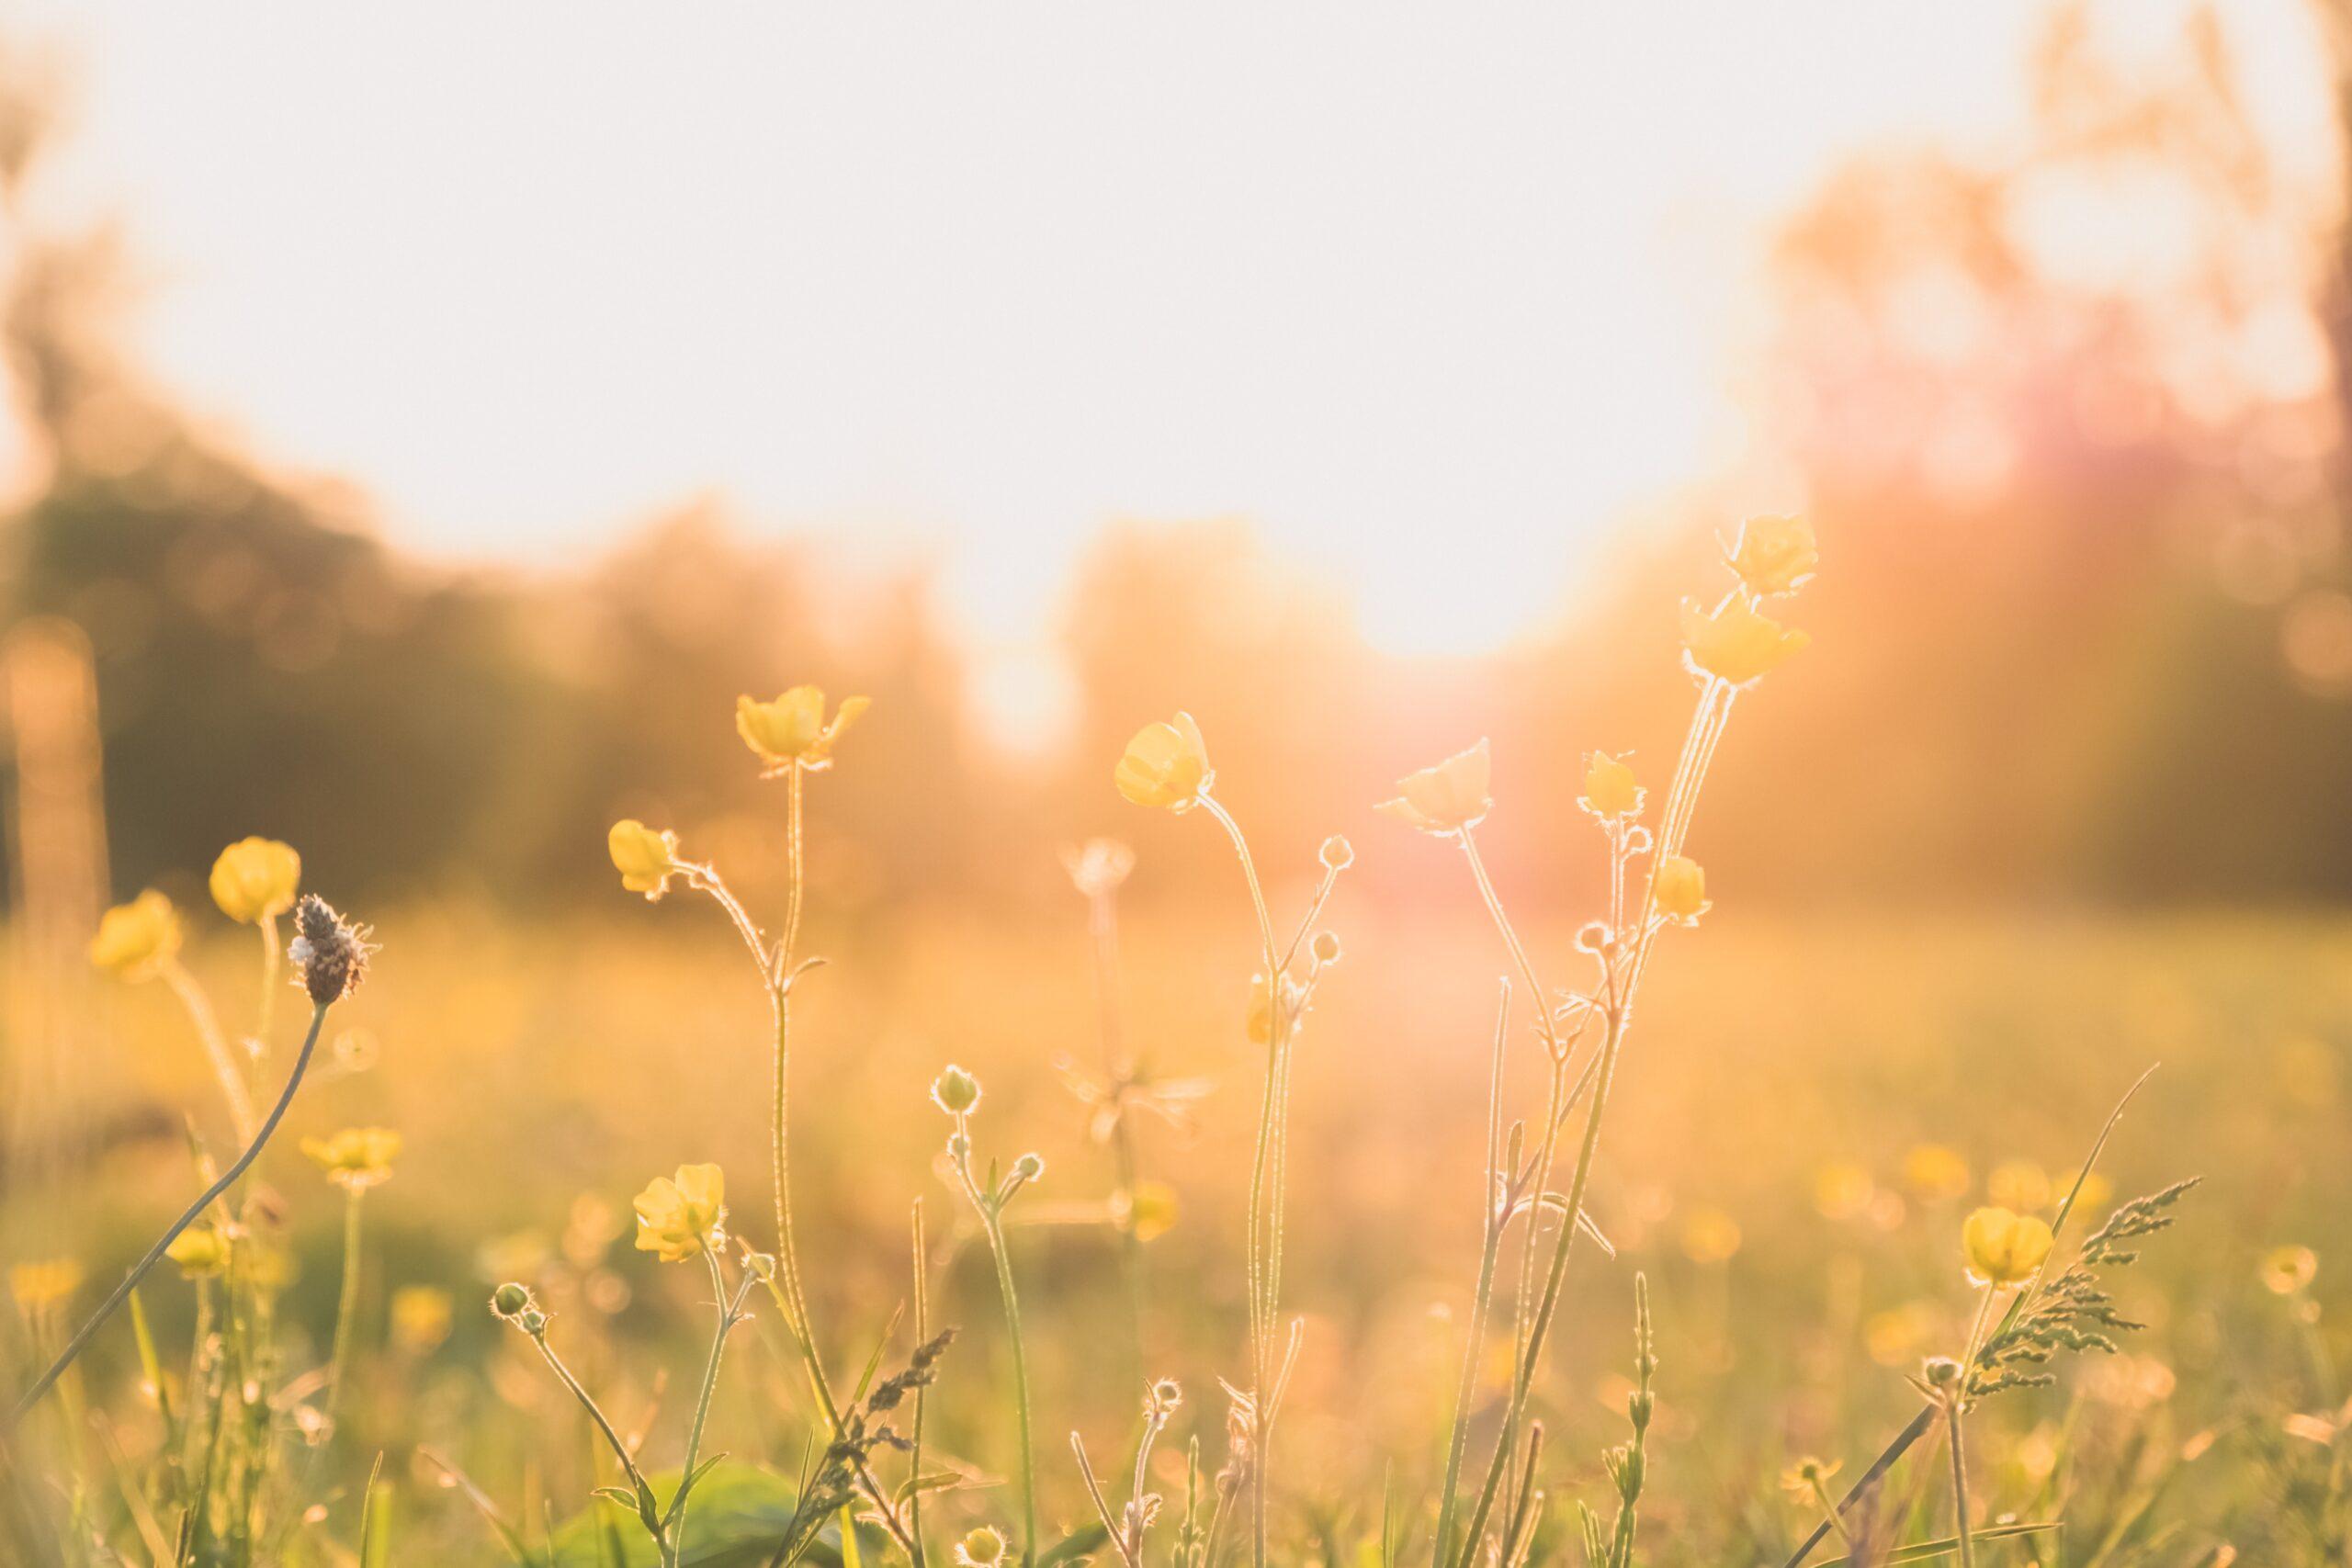 Primavera, tiempo de renacer